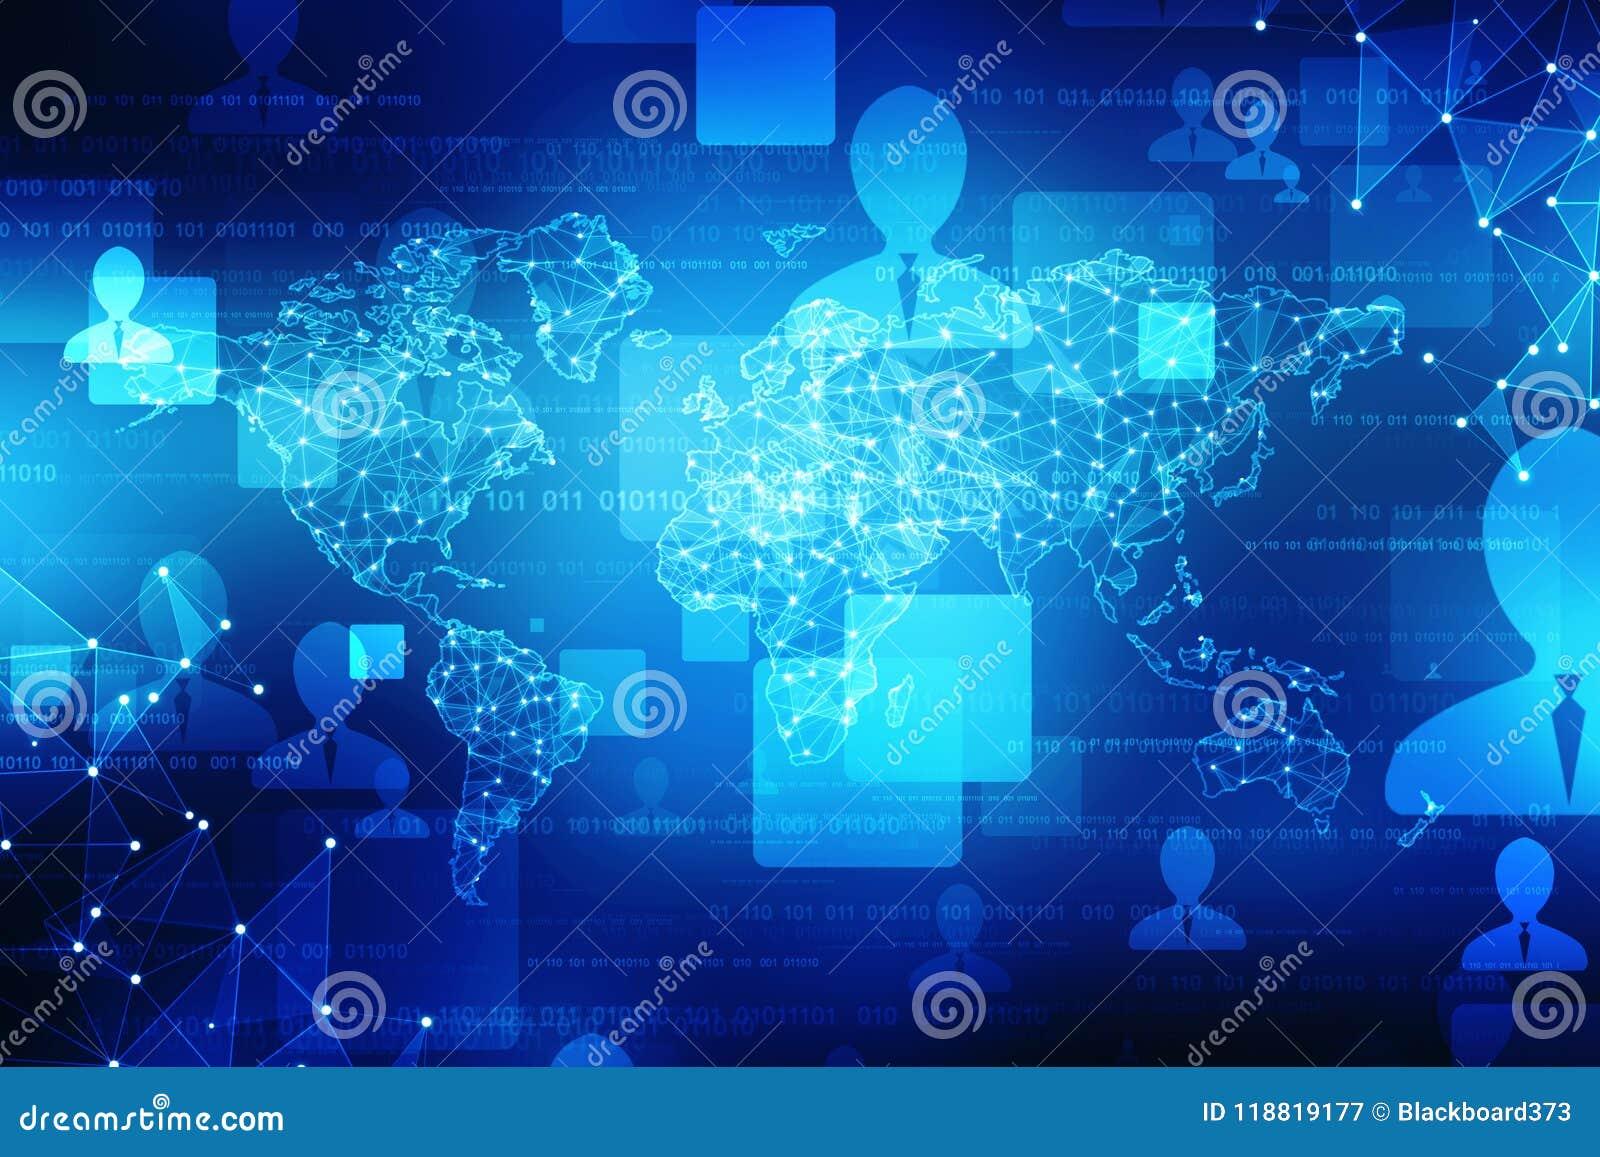 El mapa del mundo y el blockchain miran para mirar red, concepto de la red global